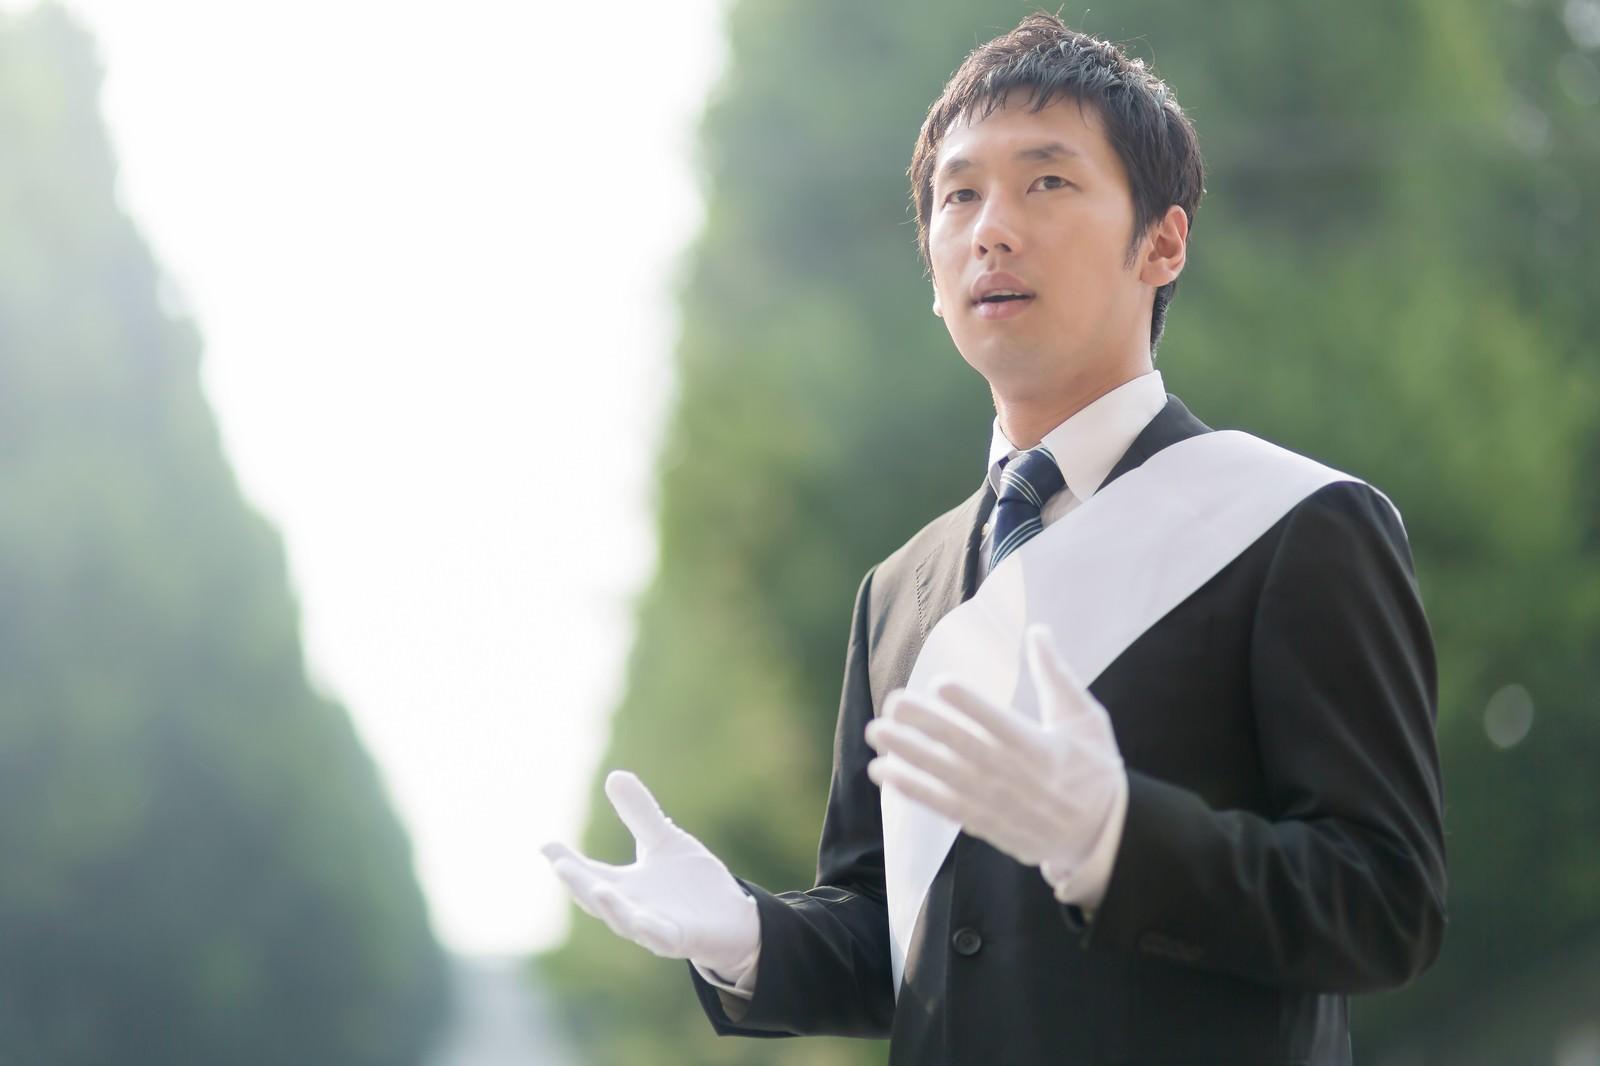 「マニュフェストを語る立候補者」の写真[モデル:大川竜弥]